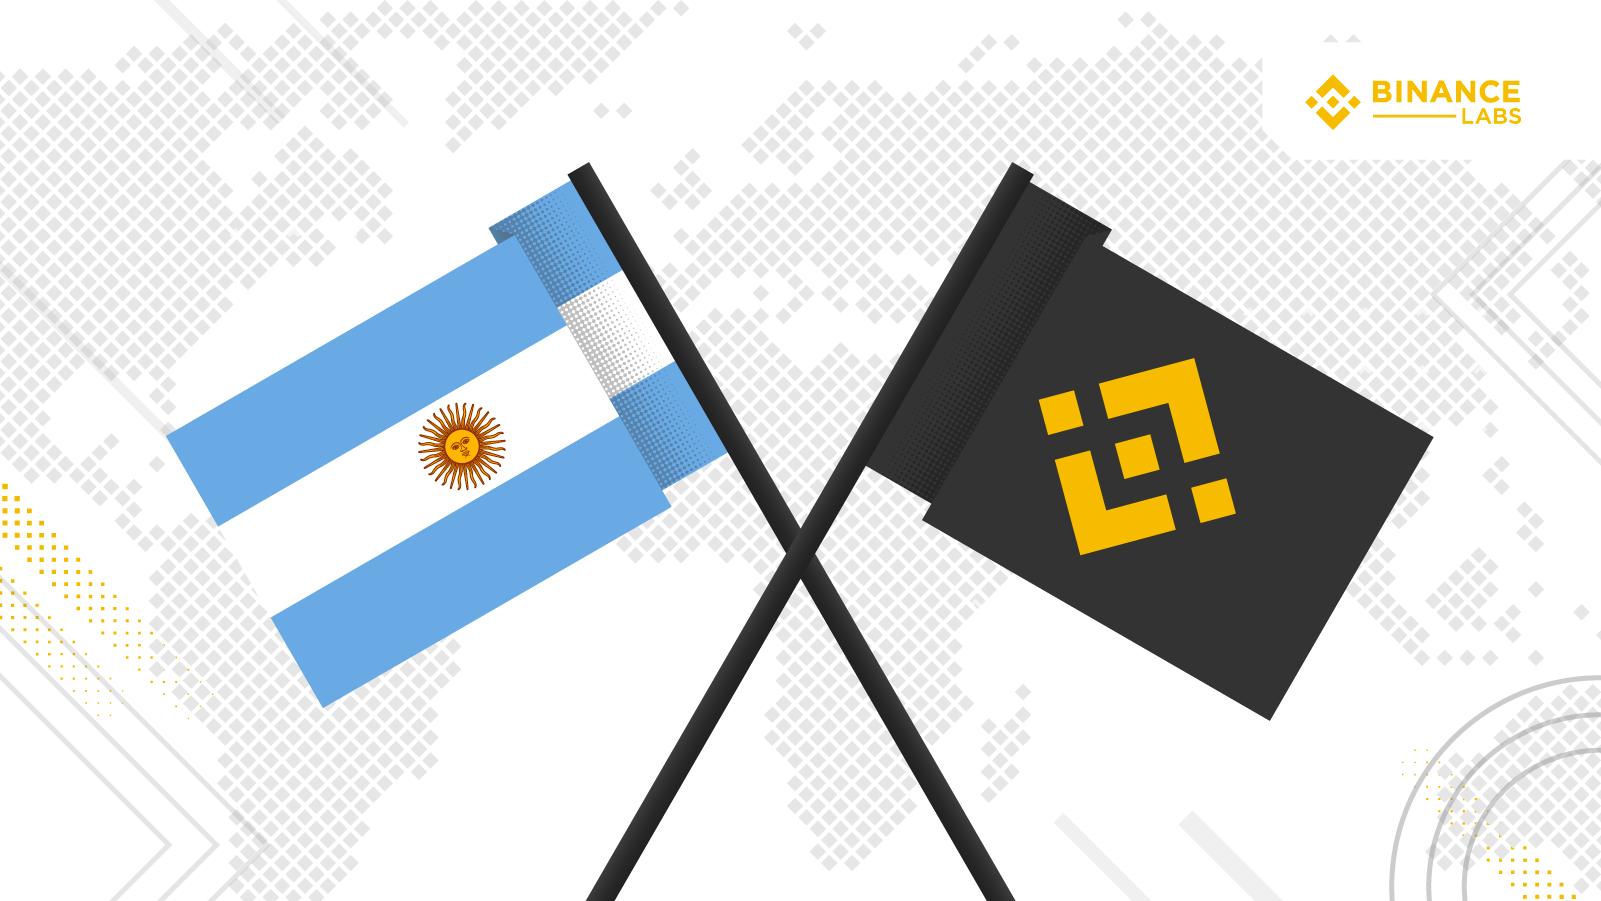 Binance e Argentina fazem parceria para financiamento de projetos que usam blockchain